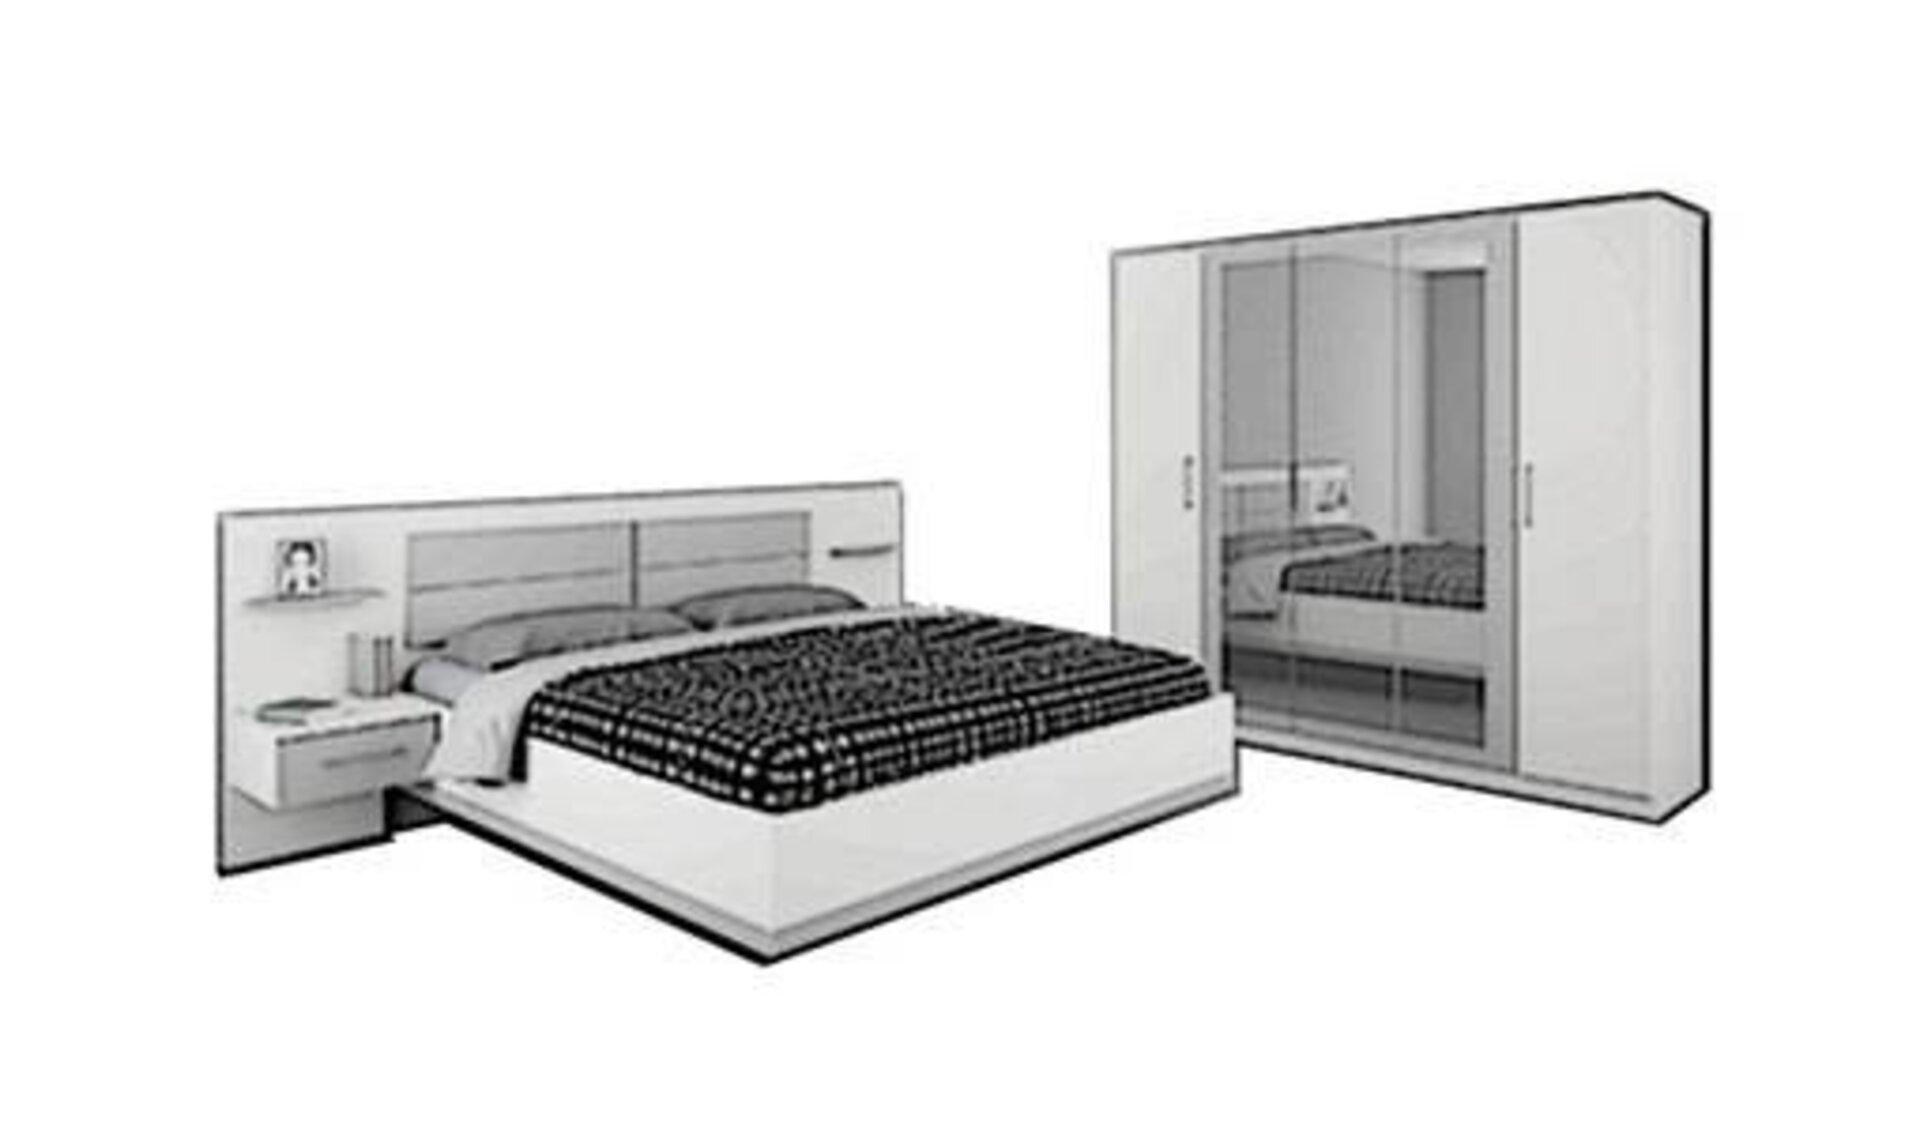 Icon für die Kategorie Schlafzimmer. Das Schlafzimmer wird durch eine Doppelbett mit integrierten Ablagen, sowie einem großen Kleiderschrank dargestellt.